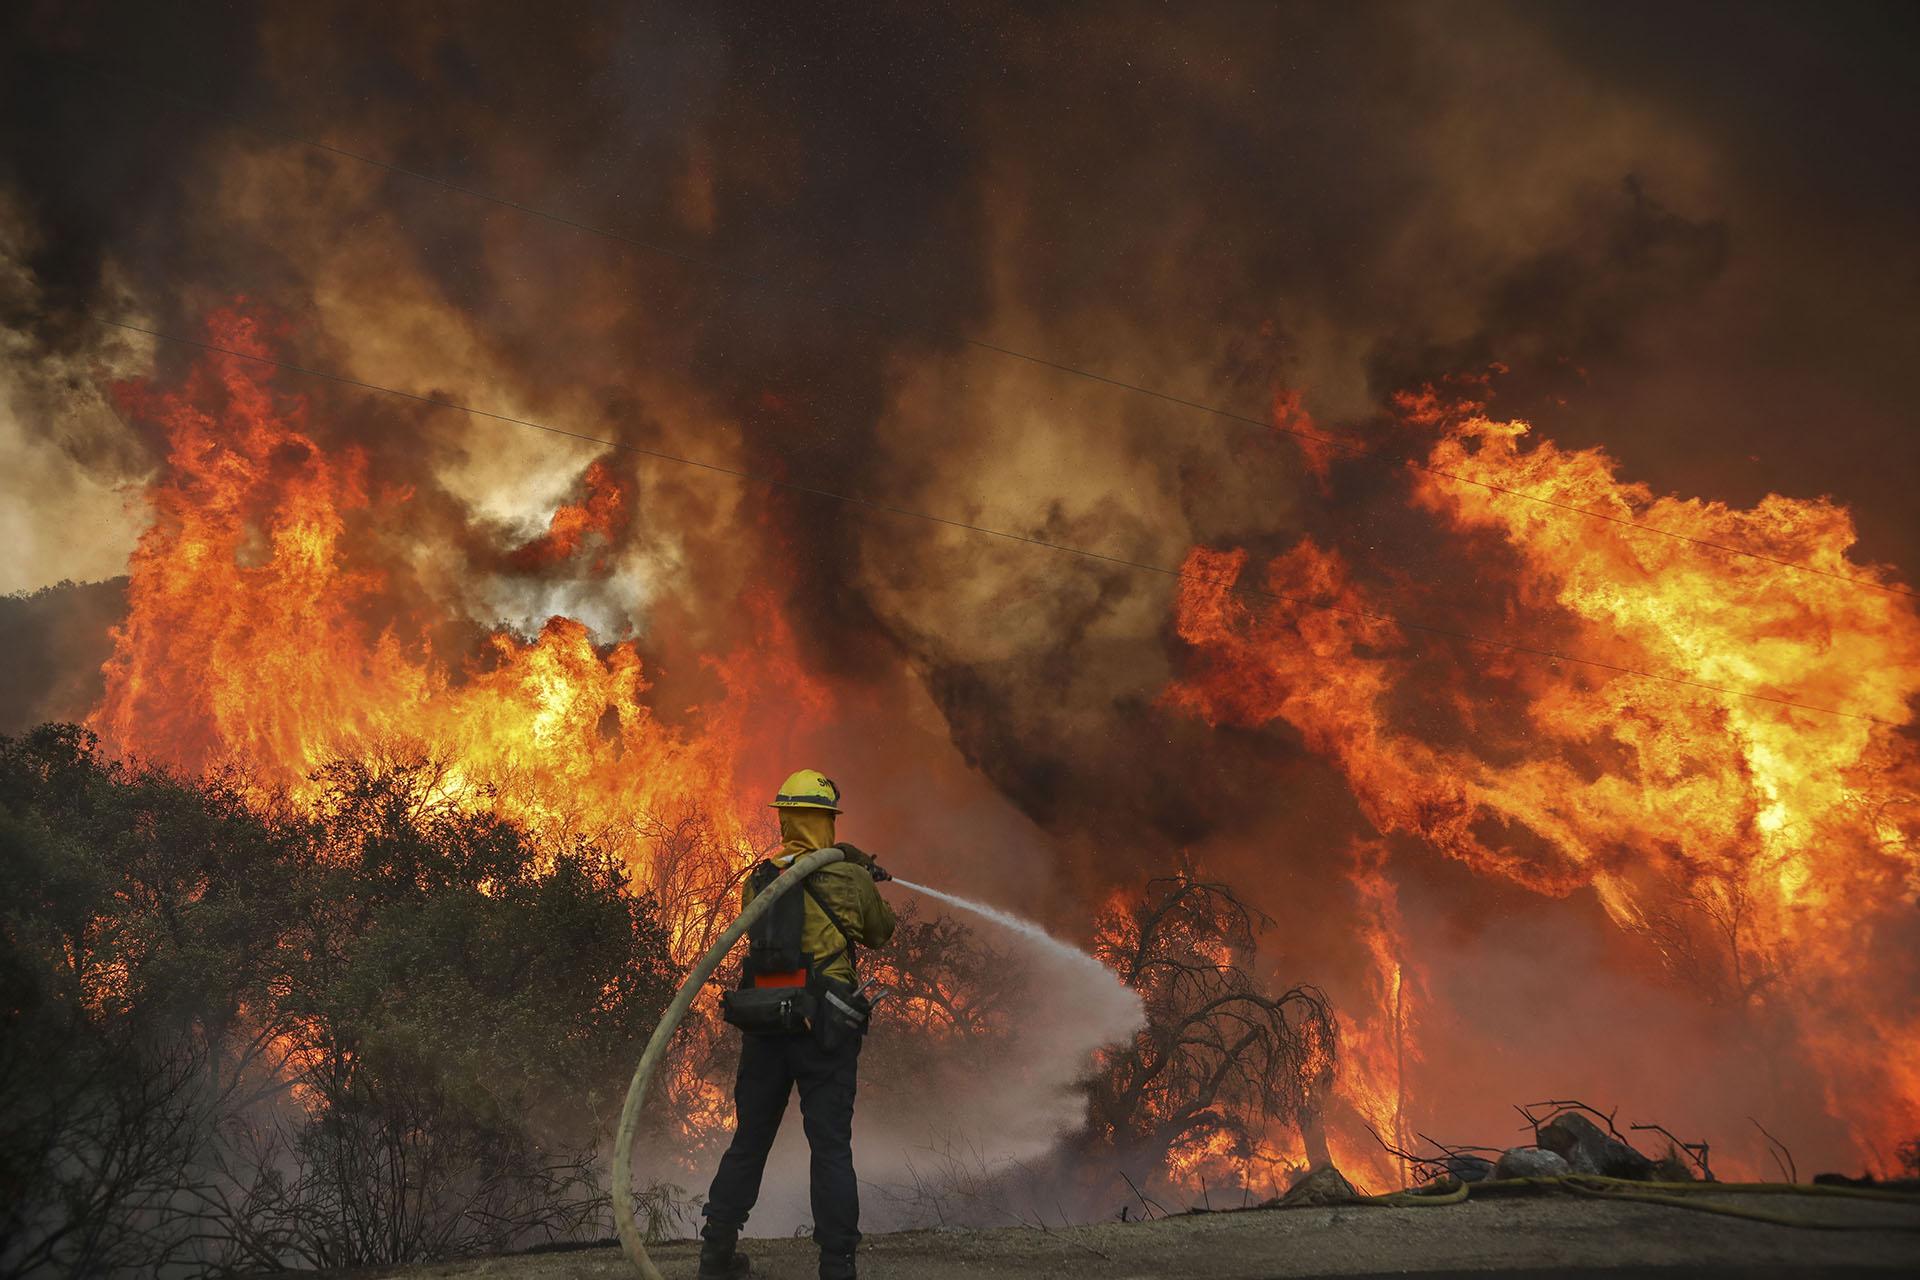 Más de 14.100 bomberos estaban luchando contra 24 incendios forestales diferentes hasta el lunes por la tarde, dijo Cal Fire en un tuit (SANDY HUFFAKER / AFP)